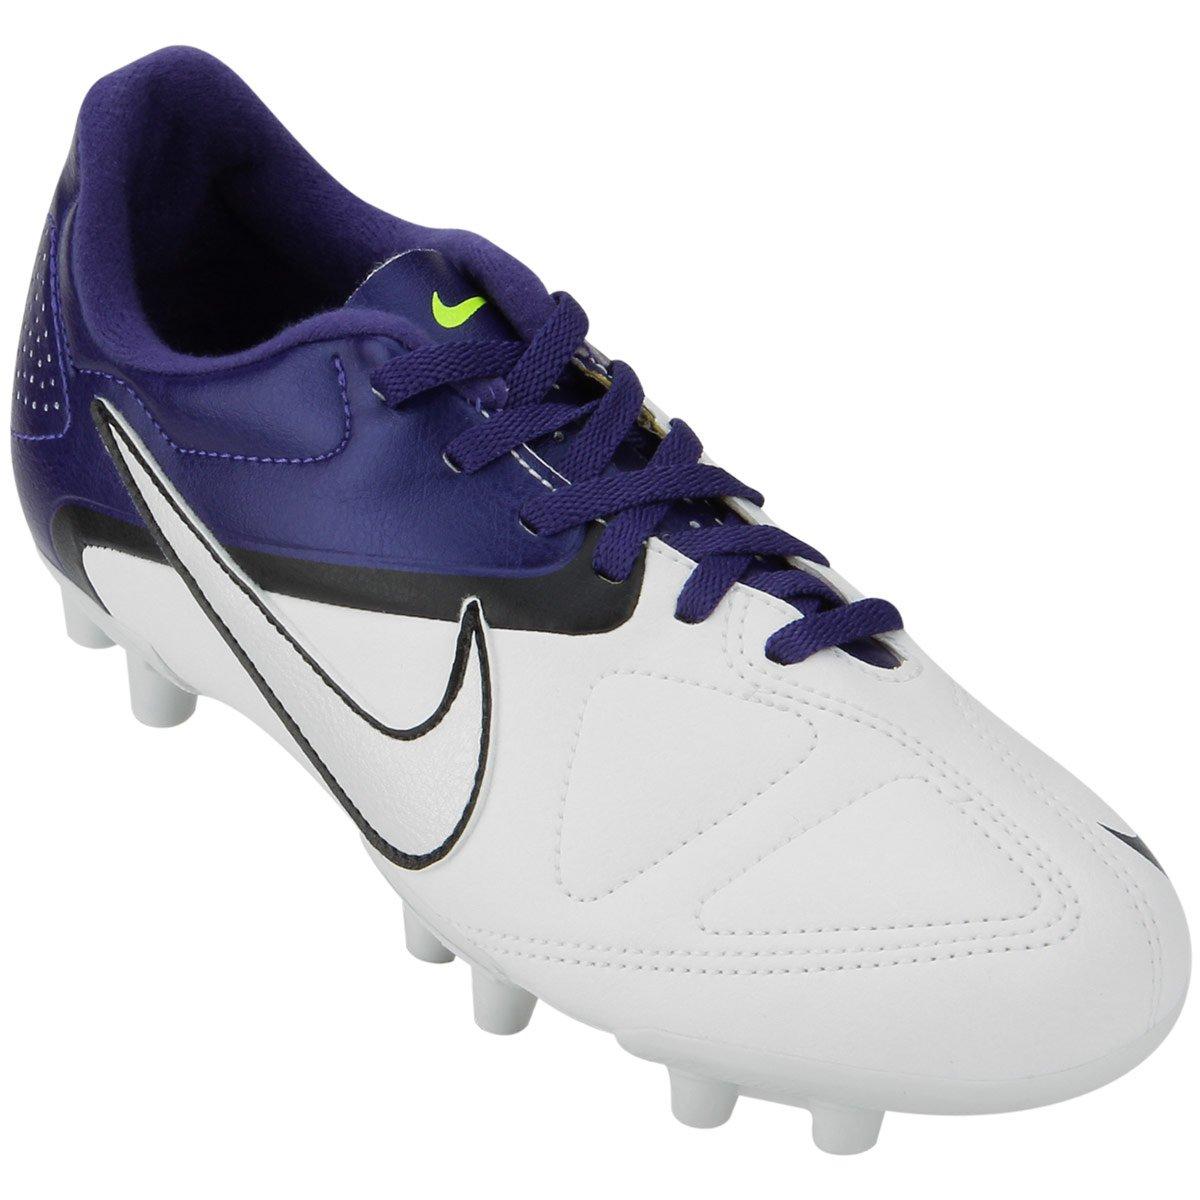 ... Chuteira Nike CTR360 Enganche 2 FG Infantil - Compre Agora the latest  f1f8b 6c686 ... e7e04931d4724